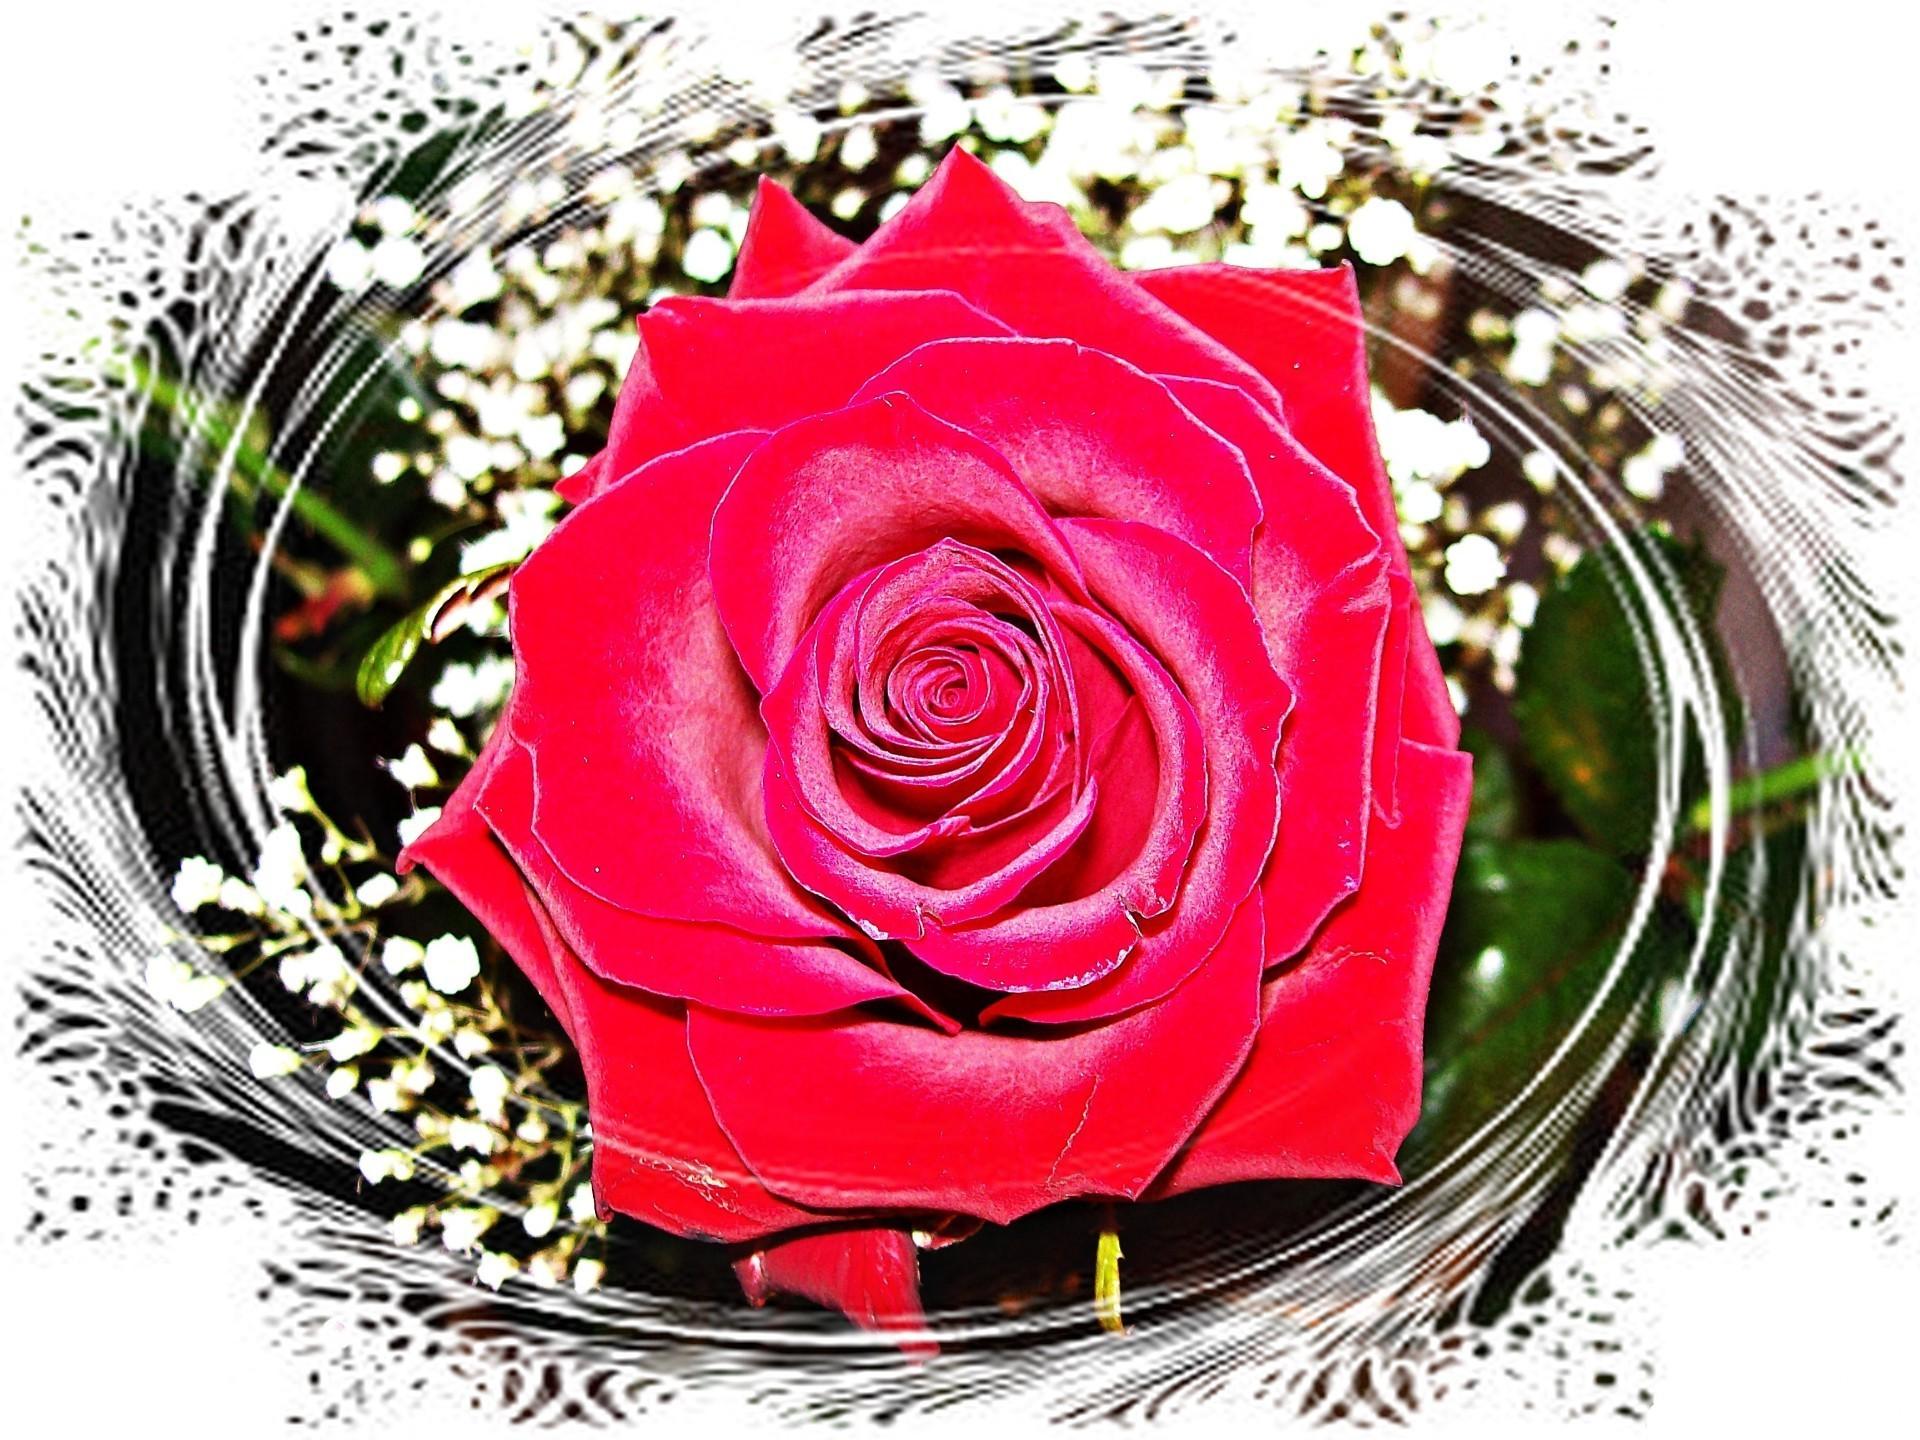 фотограф картинки на телефон красивые цветы розы блестящие довольно простую фишку